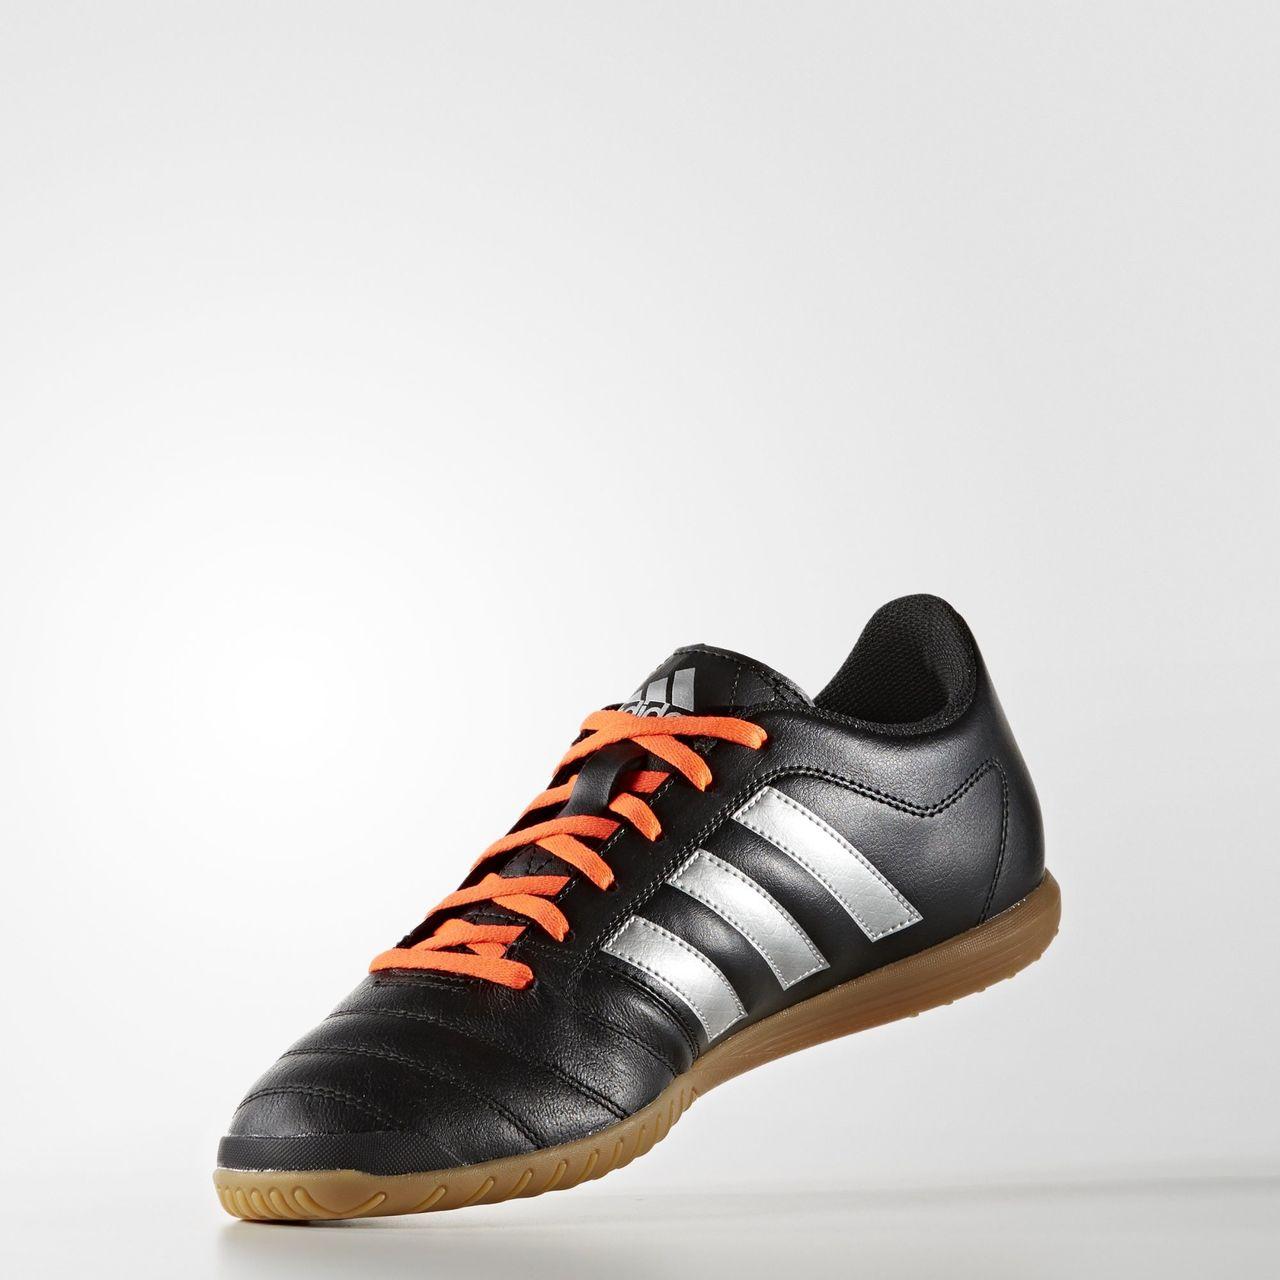 Al frente amplificación igualdad  Adidas Gloro 16.2 Indoor Shoes - Core Black / Silver Met / Solar Red |  Equipment | Football shirt blog